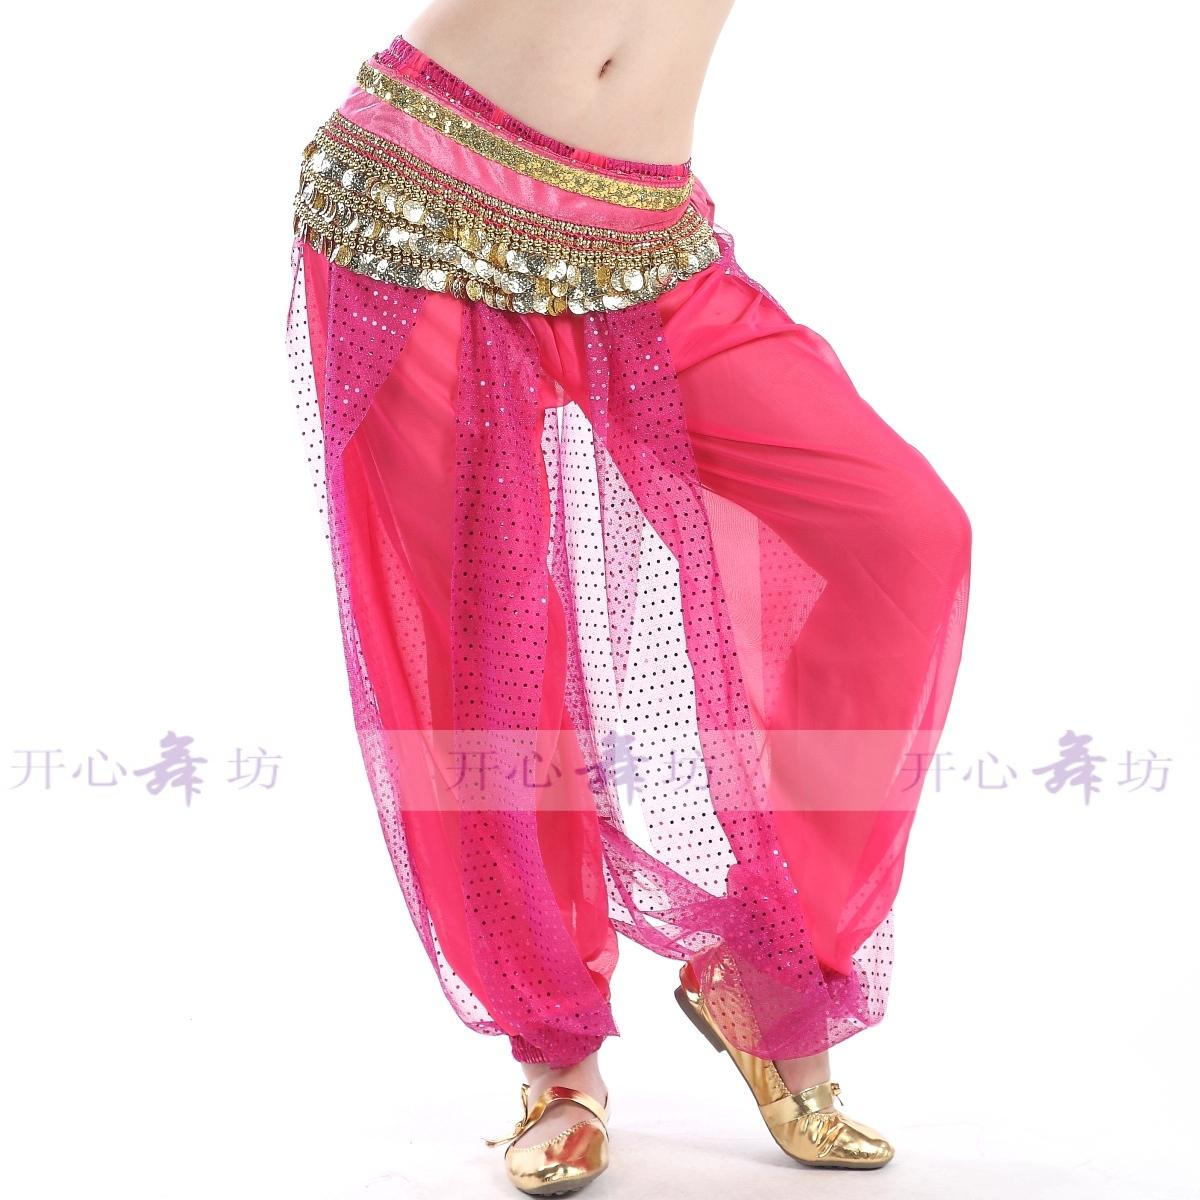 白色均碼肚皮舞下裝褲子 練習服裝 印度舞服裝 亮點燈籠褲 練習褲